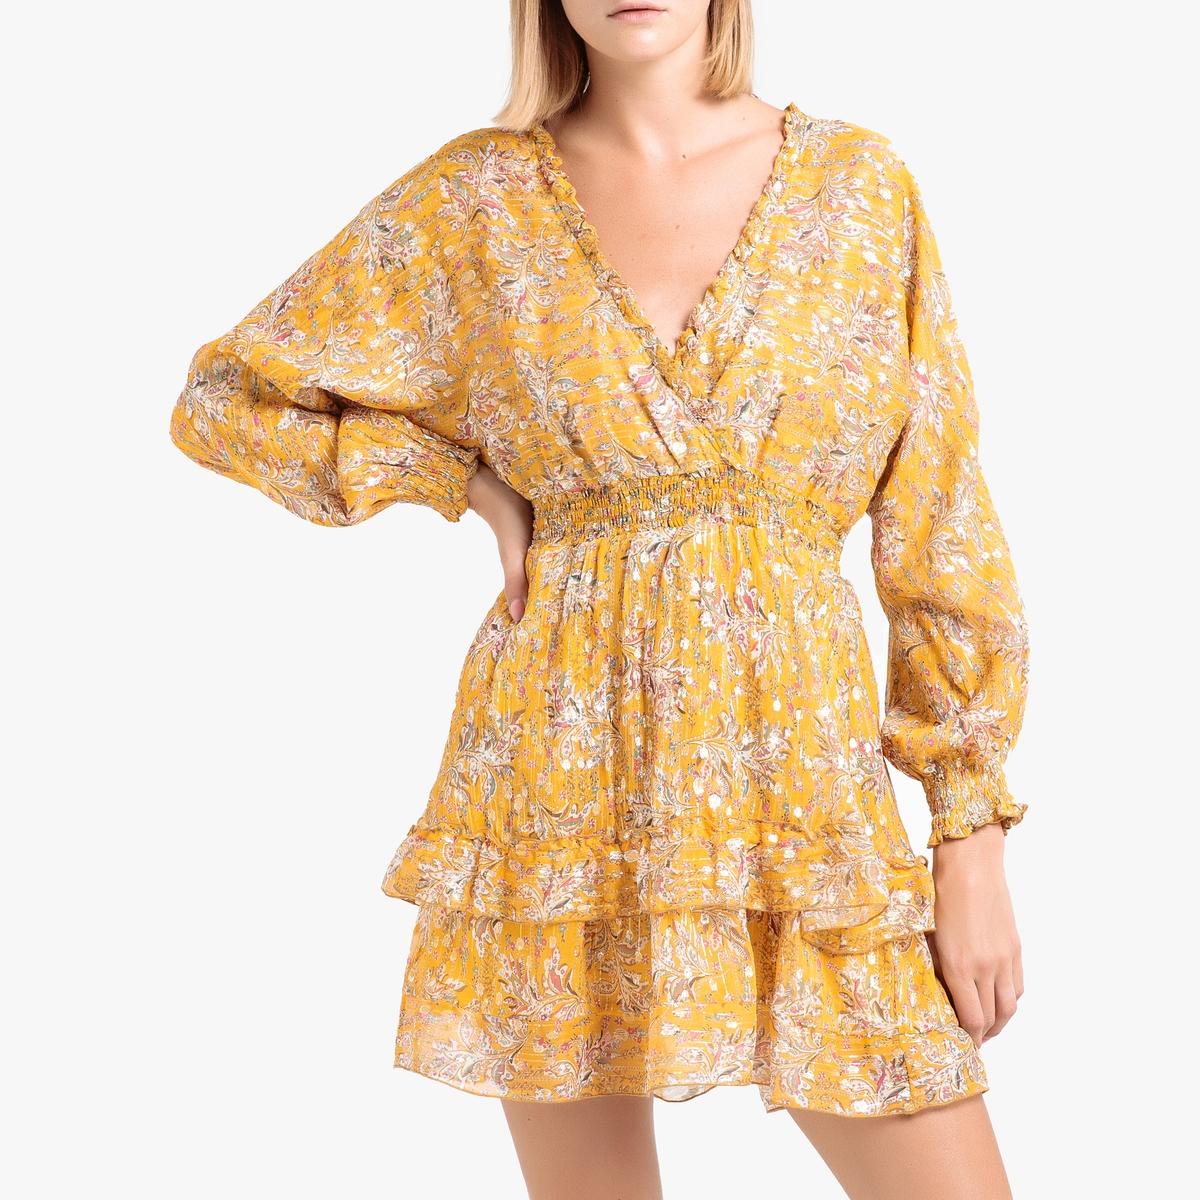 одеяло стеганое из хлопковой вуали с рисунком колорблок Платье La Redoute Короткое из вуали с рисунком 3(L) желтый